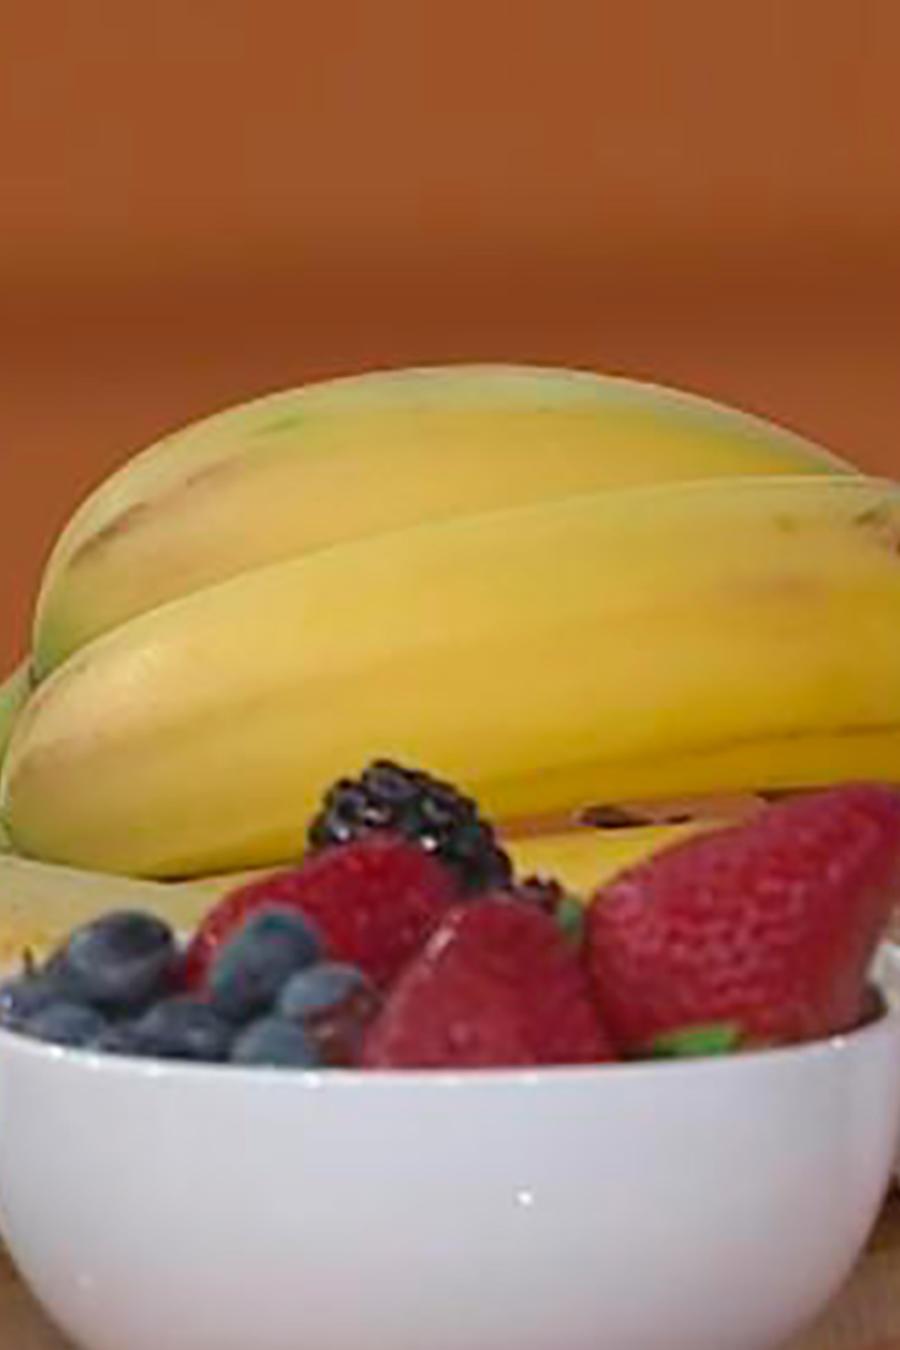 Paula Acosta, experta en nutrición holística, nos explica cómo puedes alimentar tu cerebro